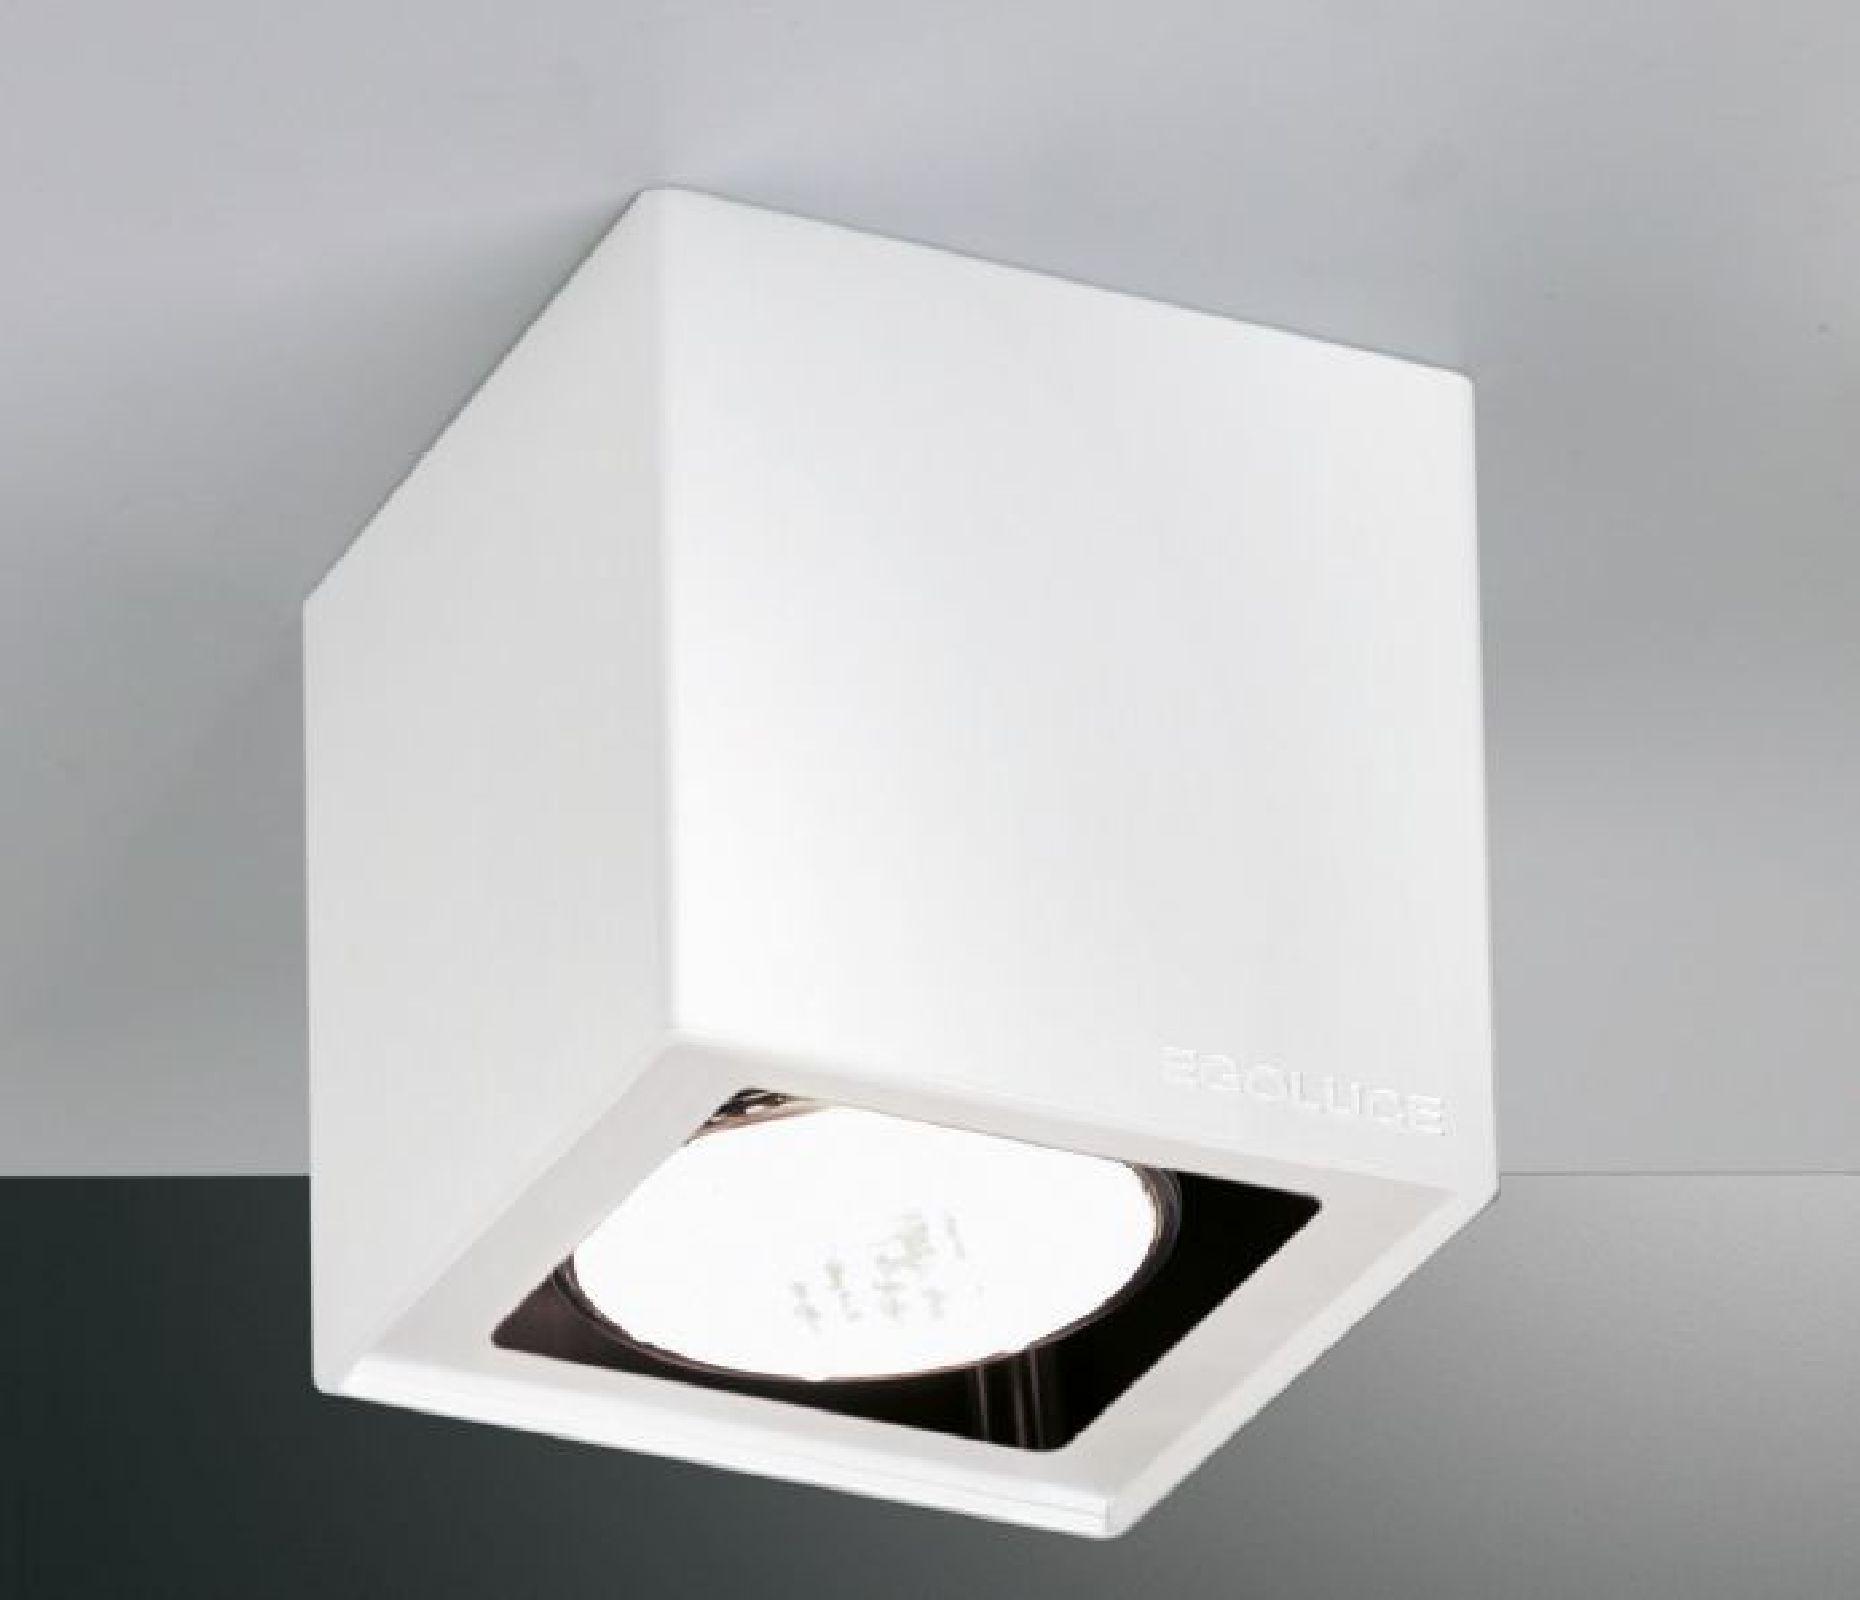 die erfolgreiche alea serie jetzt auch mit led platinlux. Black Bedroom Furniture Sets. Home Design Ideas